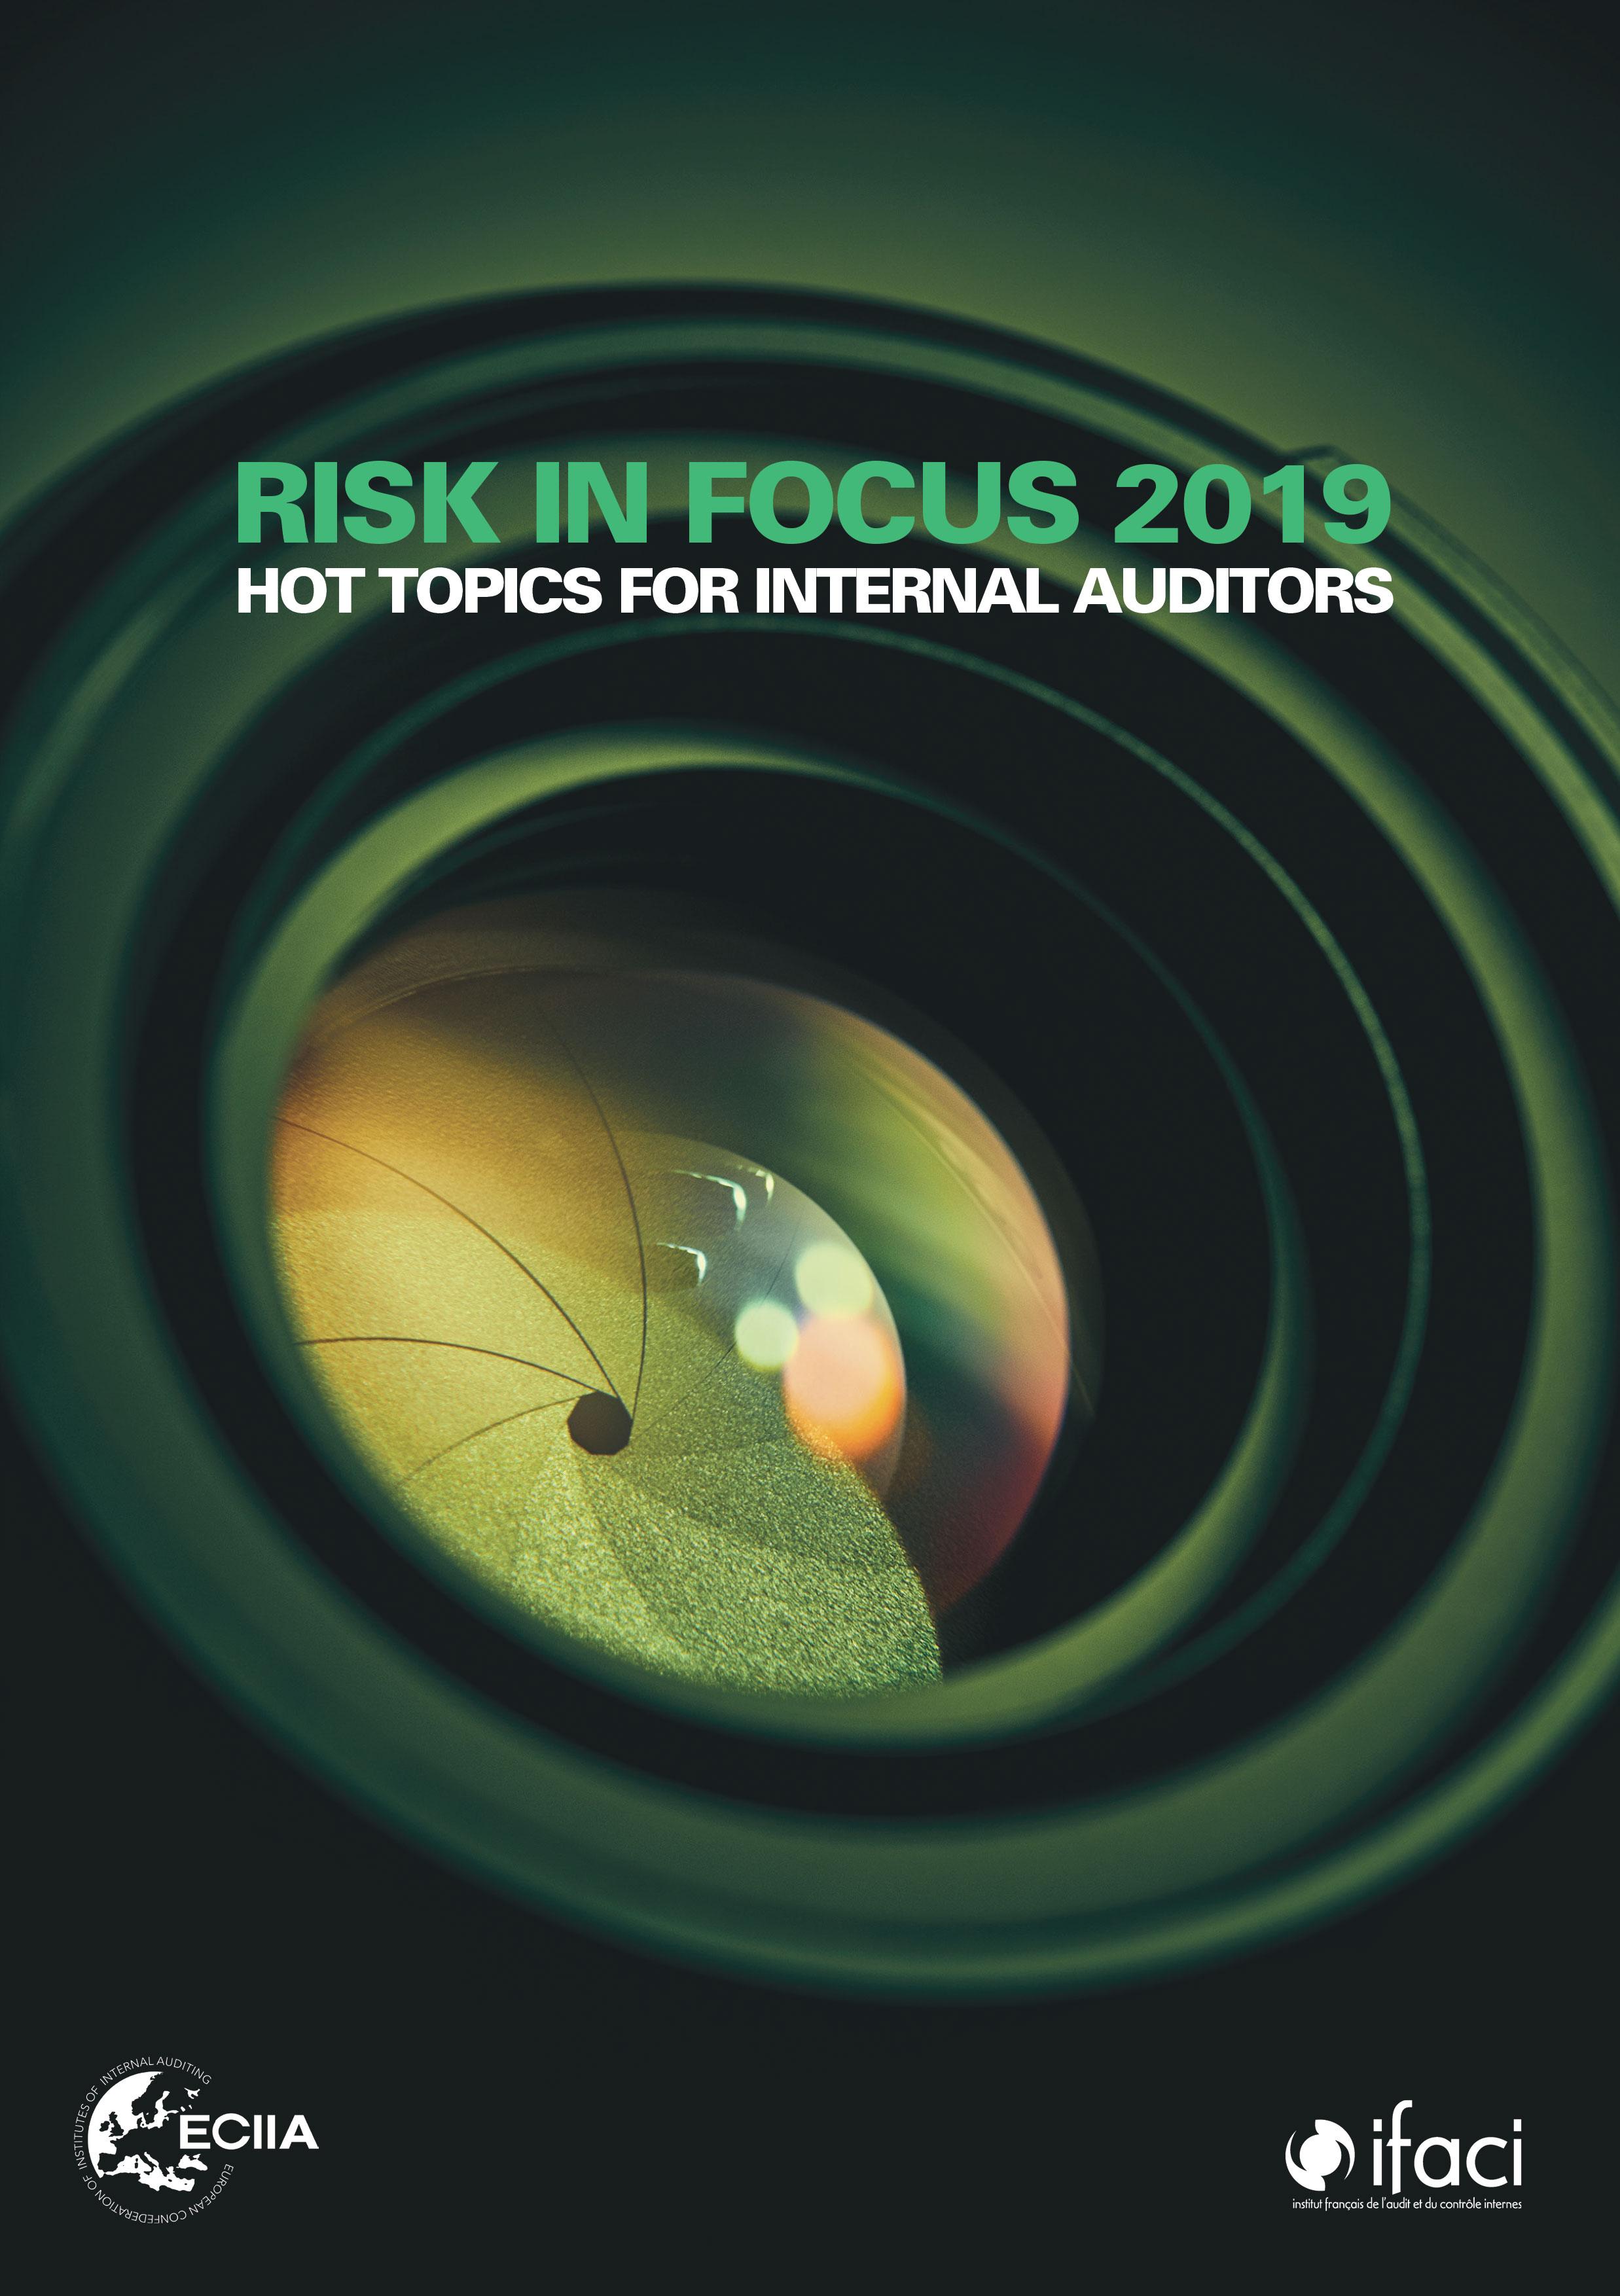 Les résultats de l'enquête Risk in Focus 2019 sont disponibles !